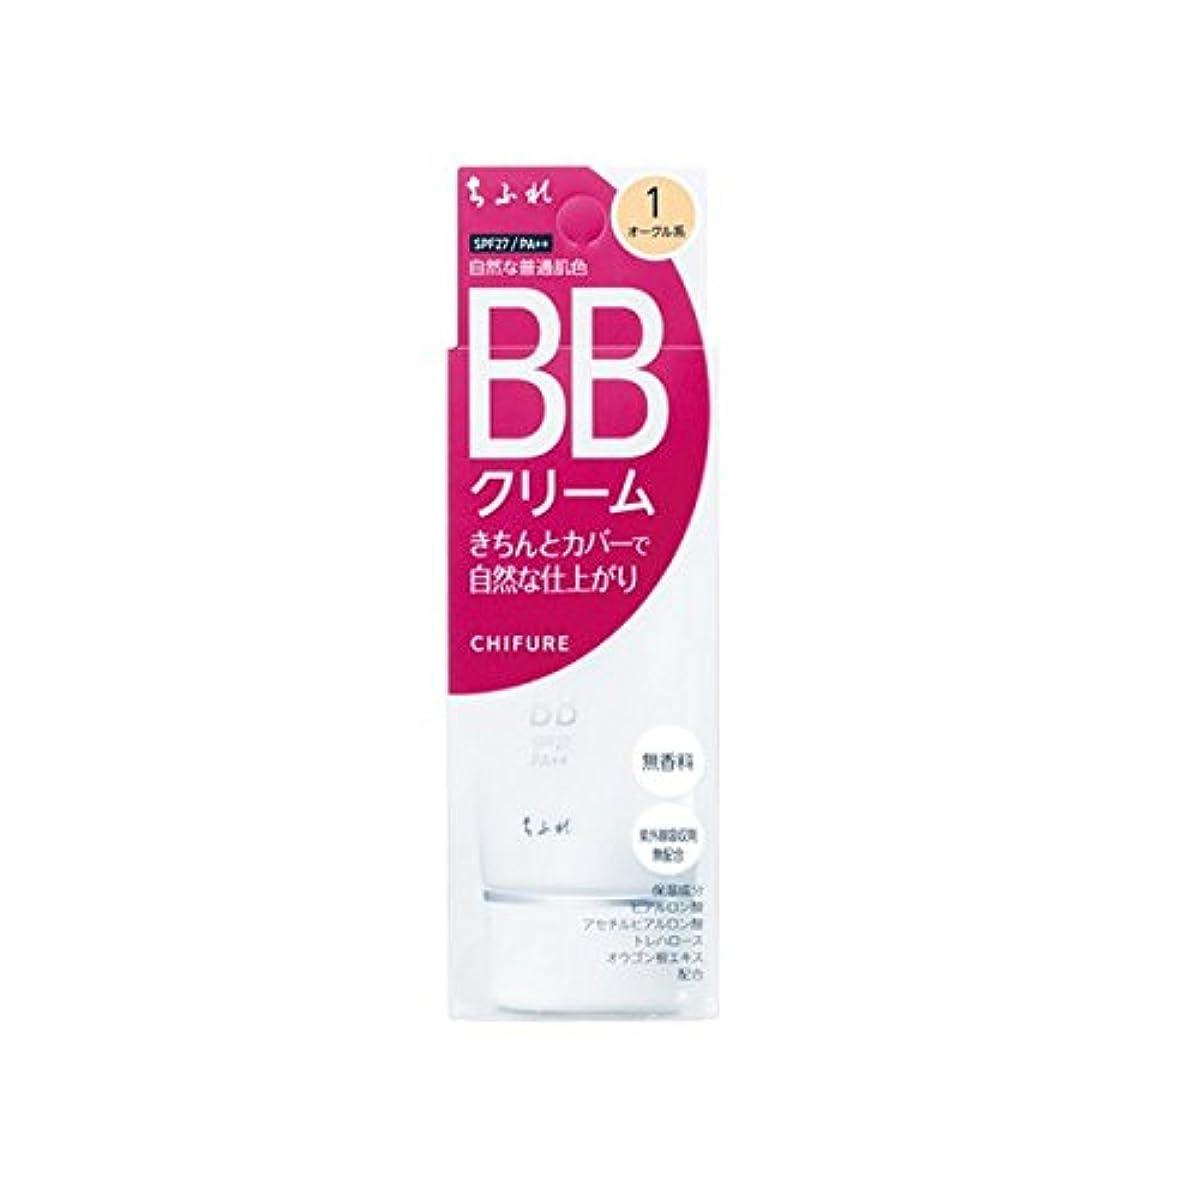 フィクション植生超高層ビルちふれ化粧品 BB クリーム 1 自然な普通肌色 BBクリーム 1